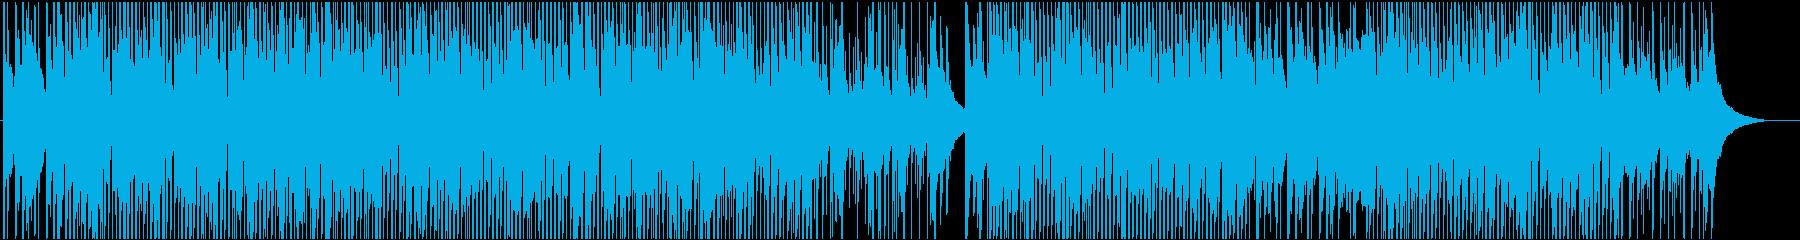 アメリカーナ楽器。弾力があり、フレ...の再生済みの波形